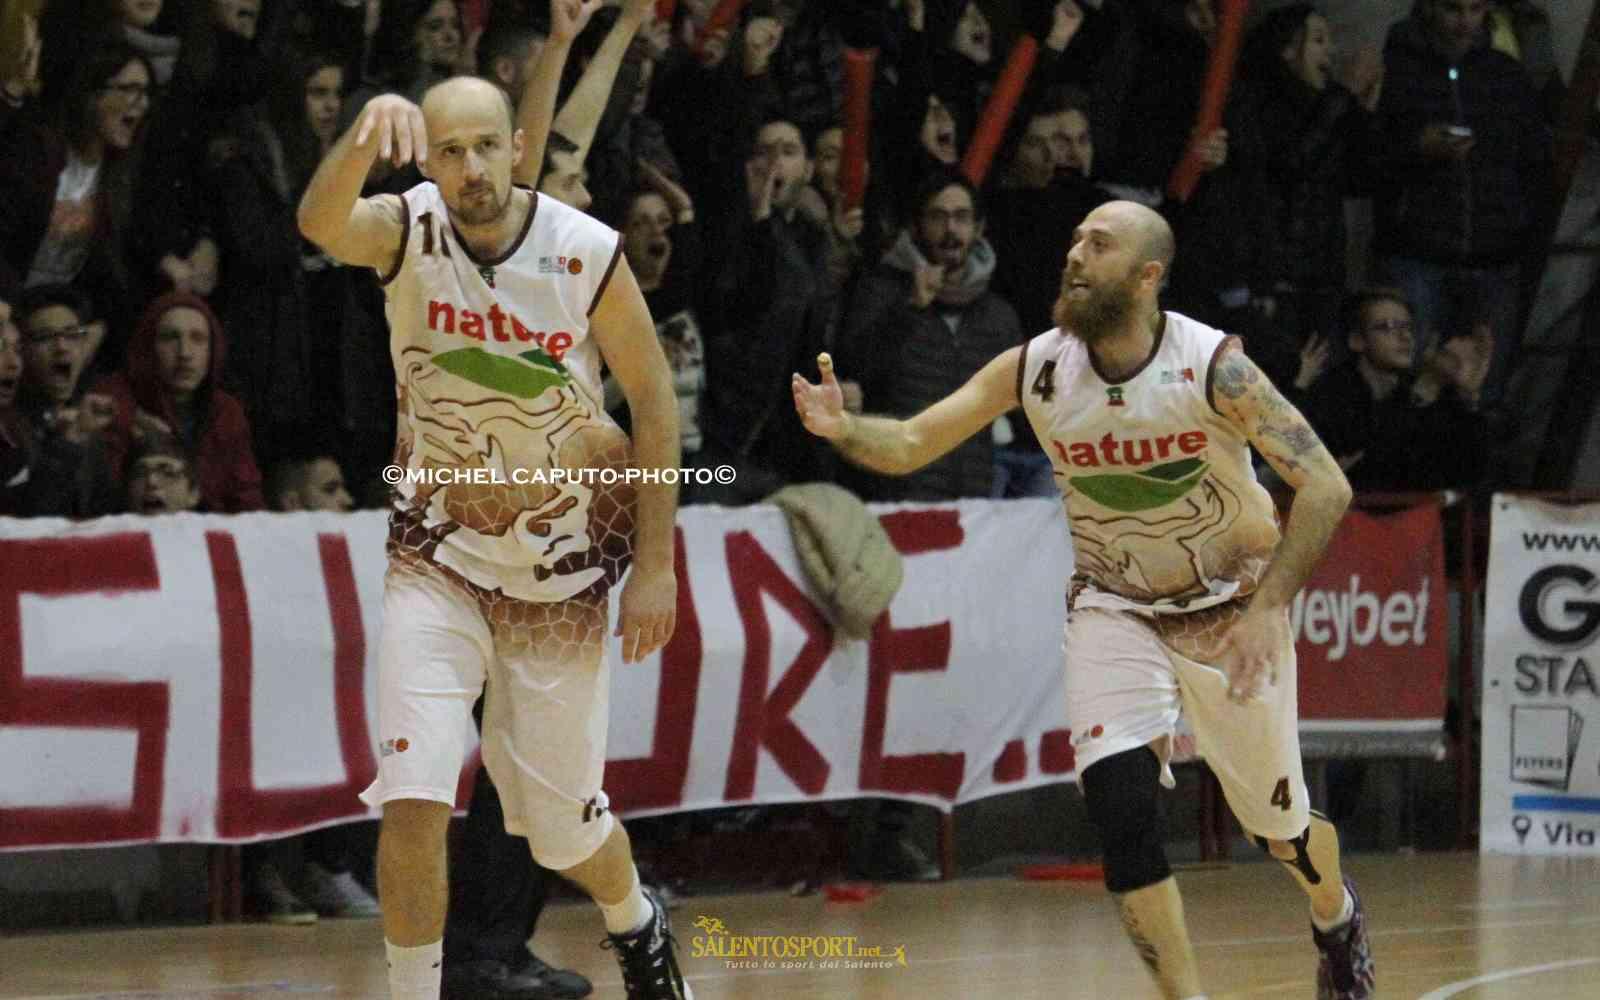 bjelic goran @caputo